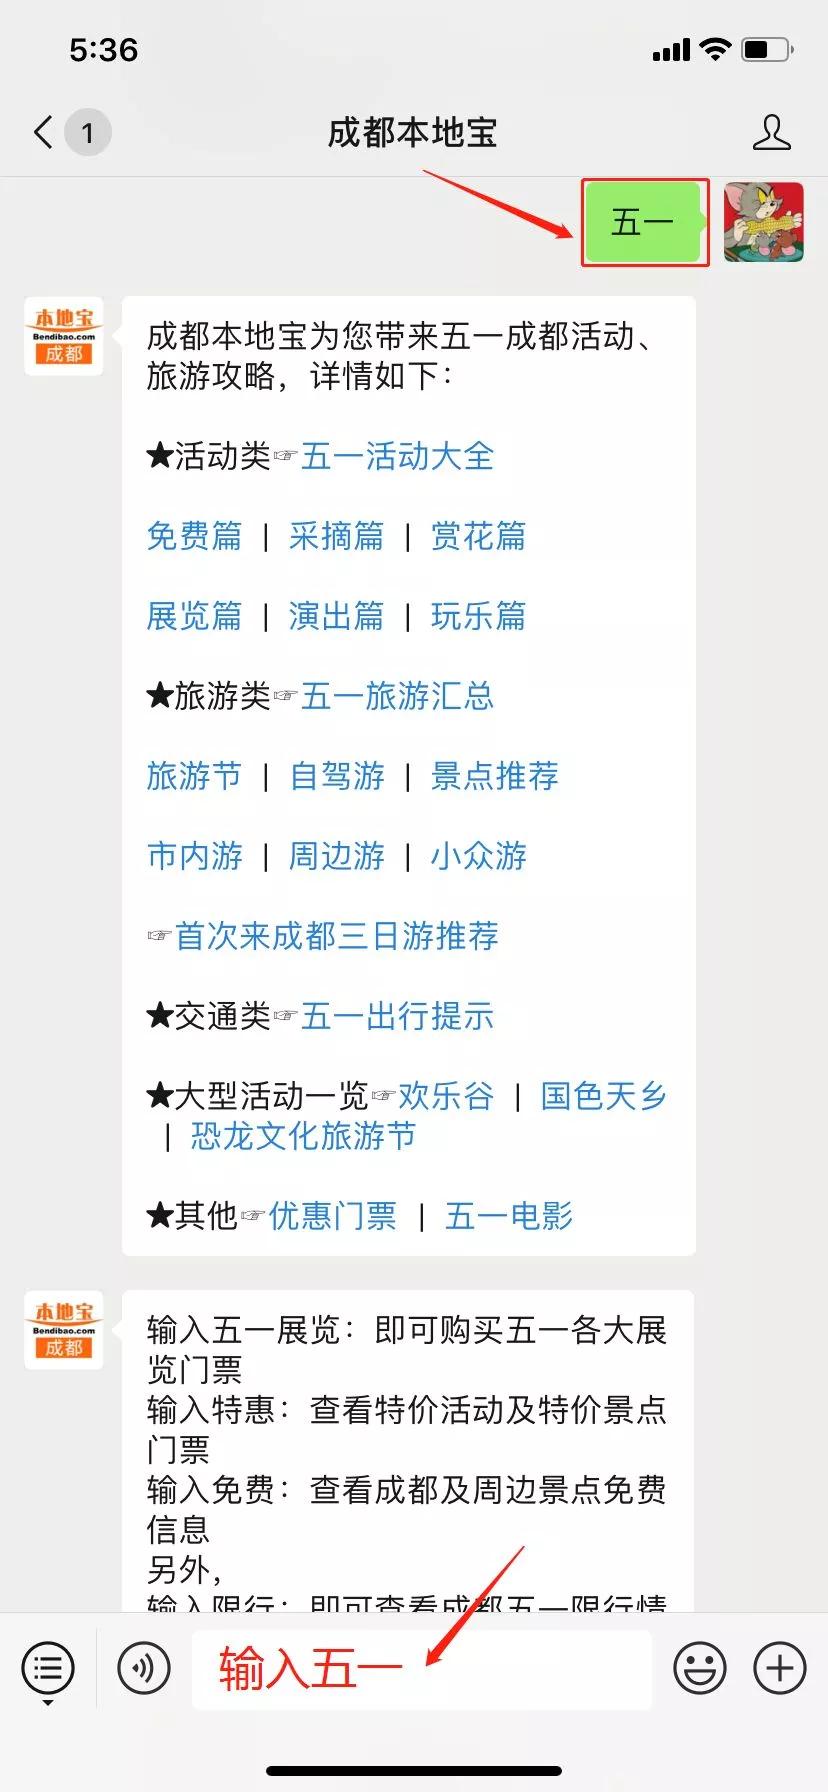 2019成都彩色熊猫生活节活动安排